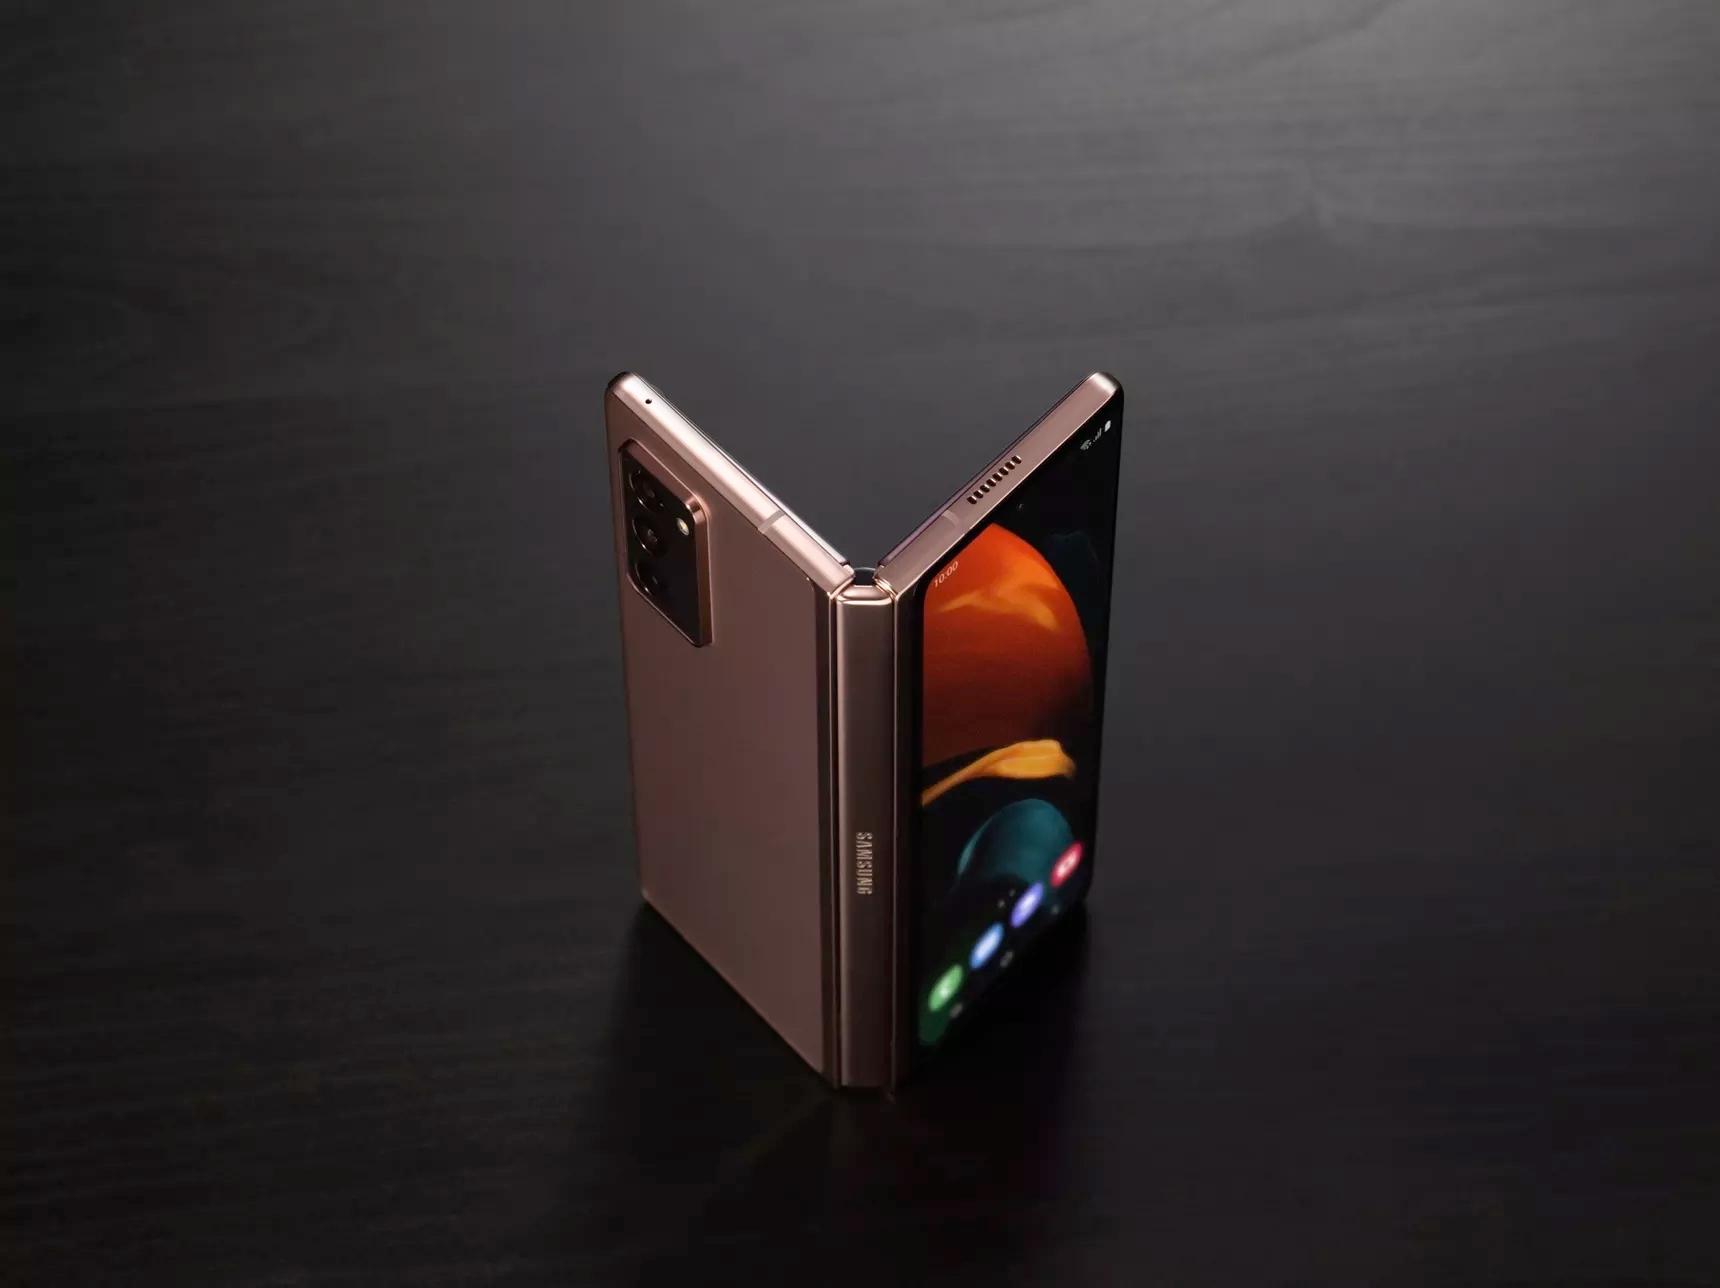 Инсайдер: складной смартфон Samsung Galaxy Z Fold 3 будет стоить также, как и Galaxy Z Fold 2